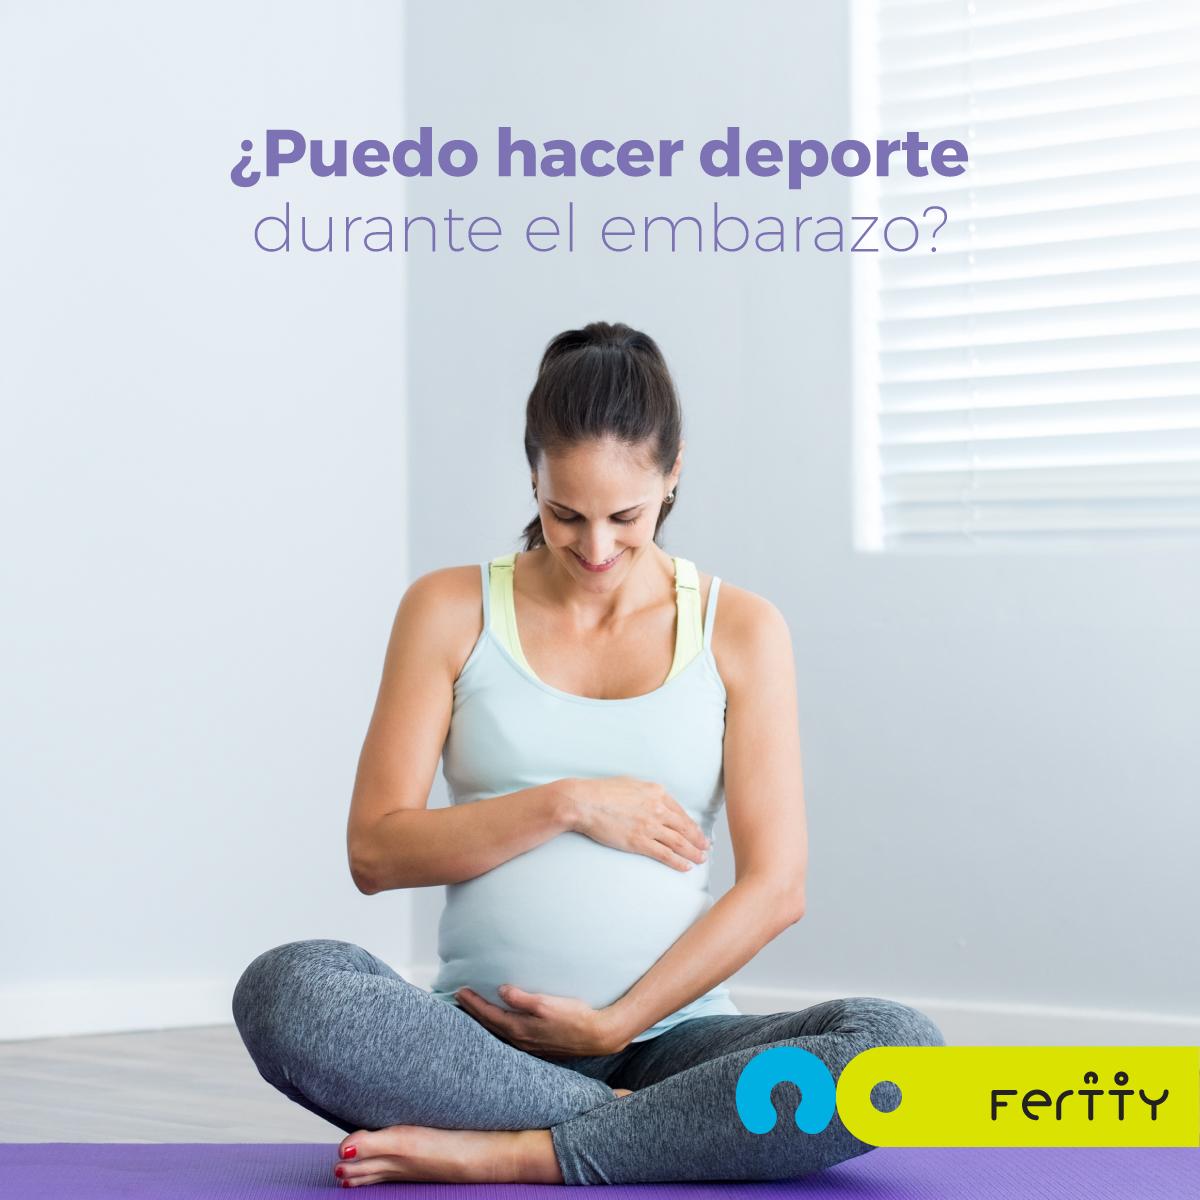 deporte durante el embarazo